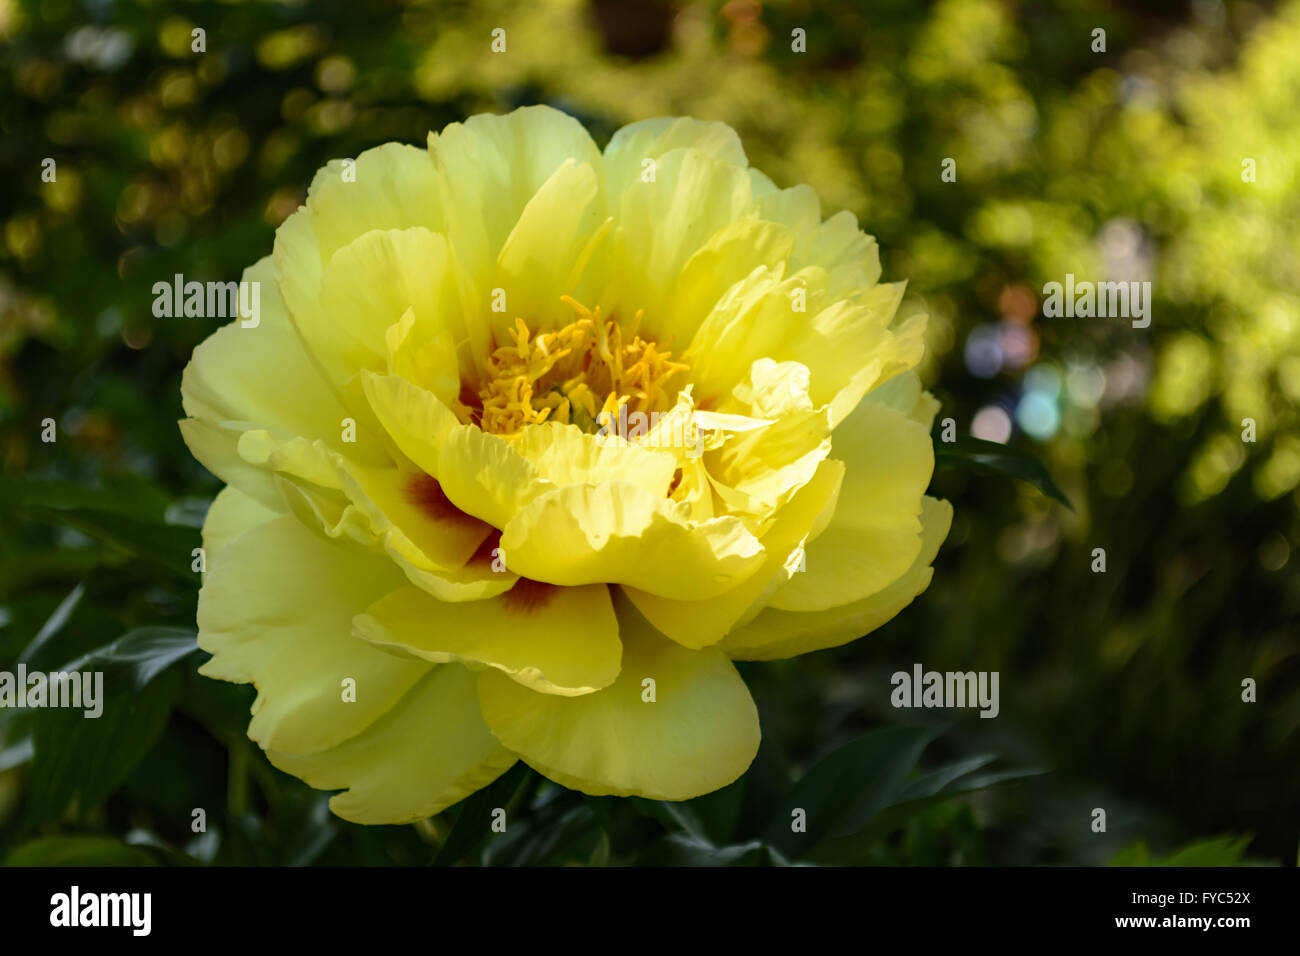 Closeup Beautiful Yellow Peony Flower Stock Photos Closeup